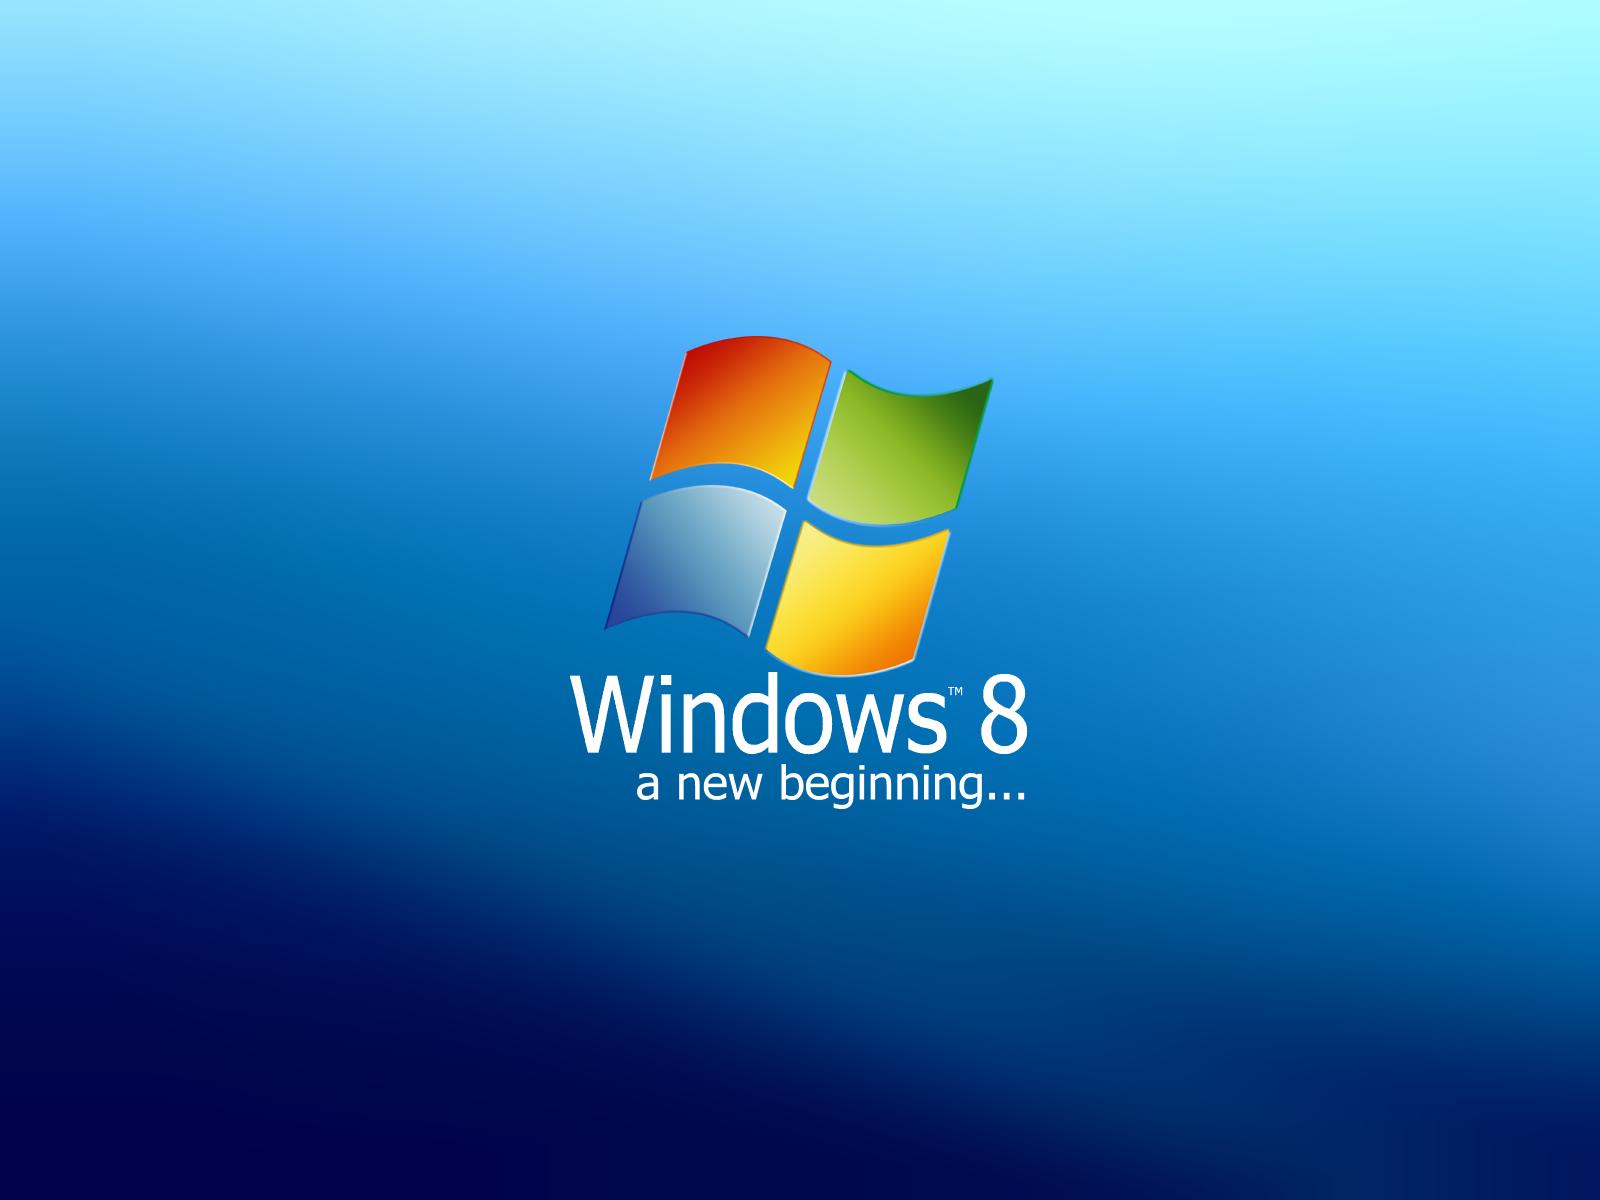 http://2.bp.blogspot.com/_Y5-4Z4aPcOI/TUmVXTIrFPI/AAAAAAAABWk/IkJRYllqow8/s1600/Windows+8+-+Freehd.blogspot.Com+%25281%2529.png